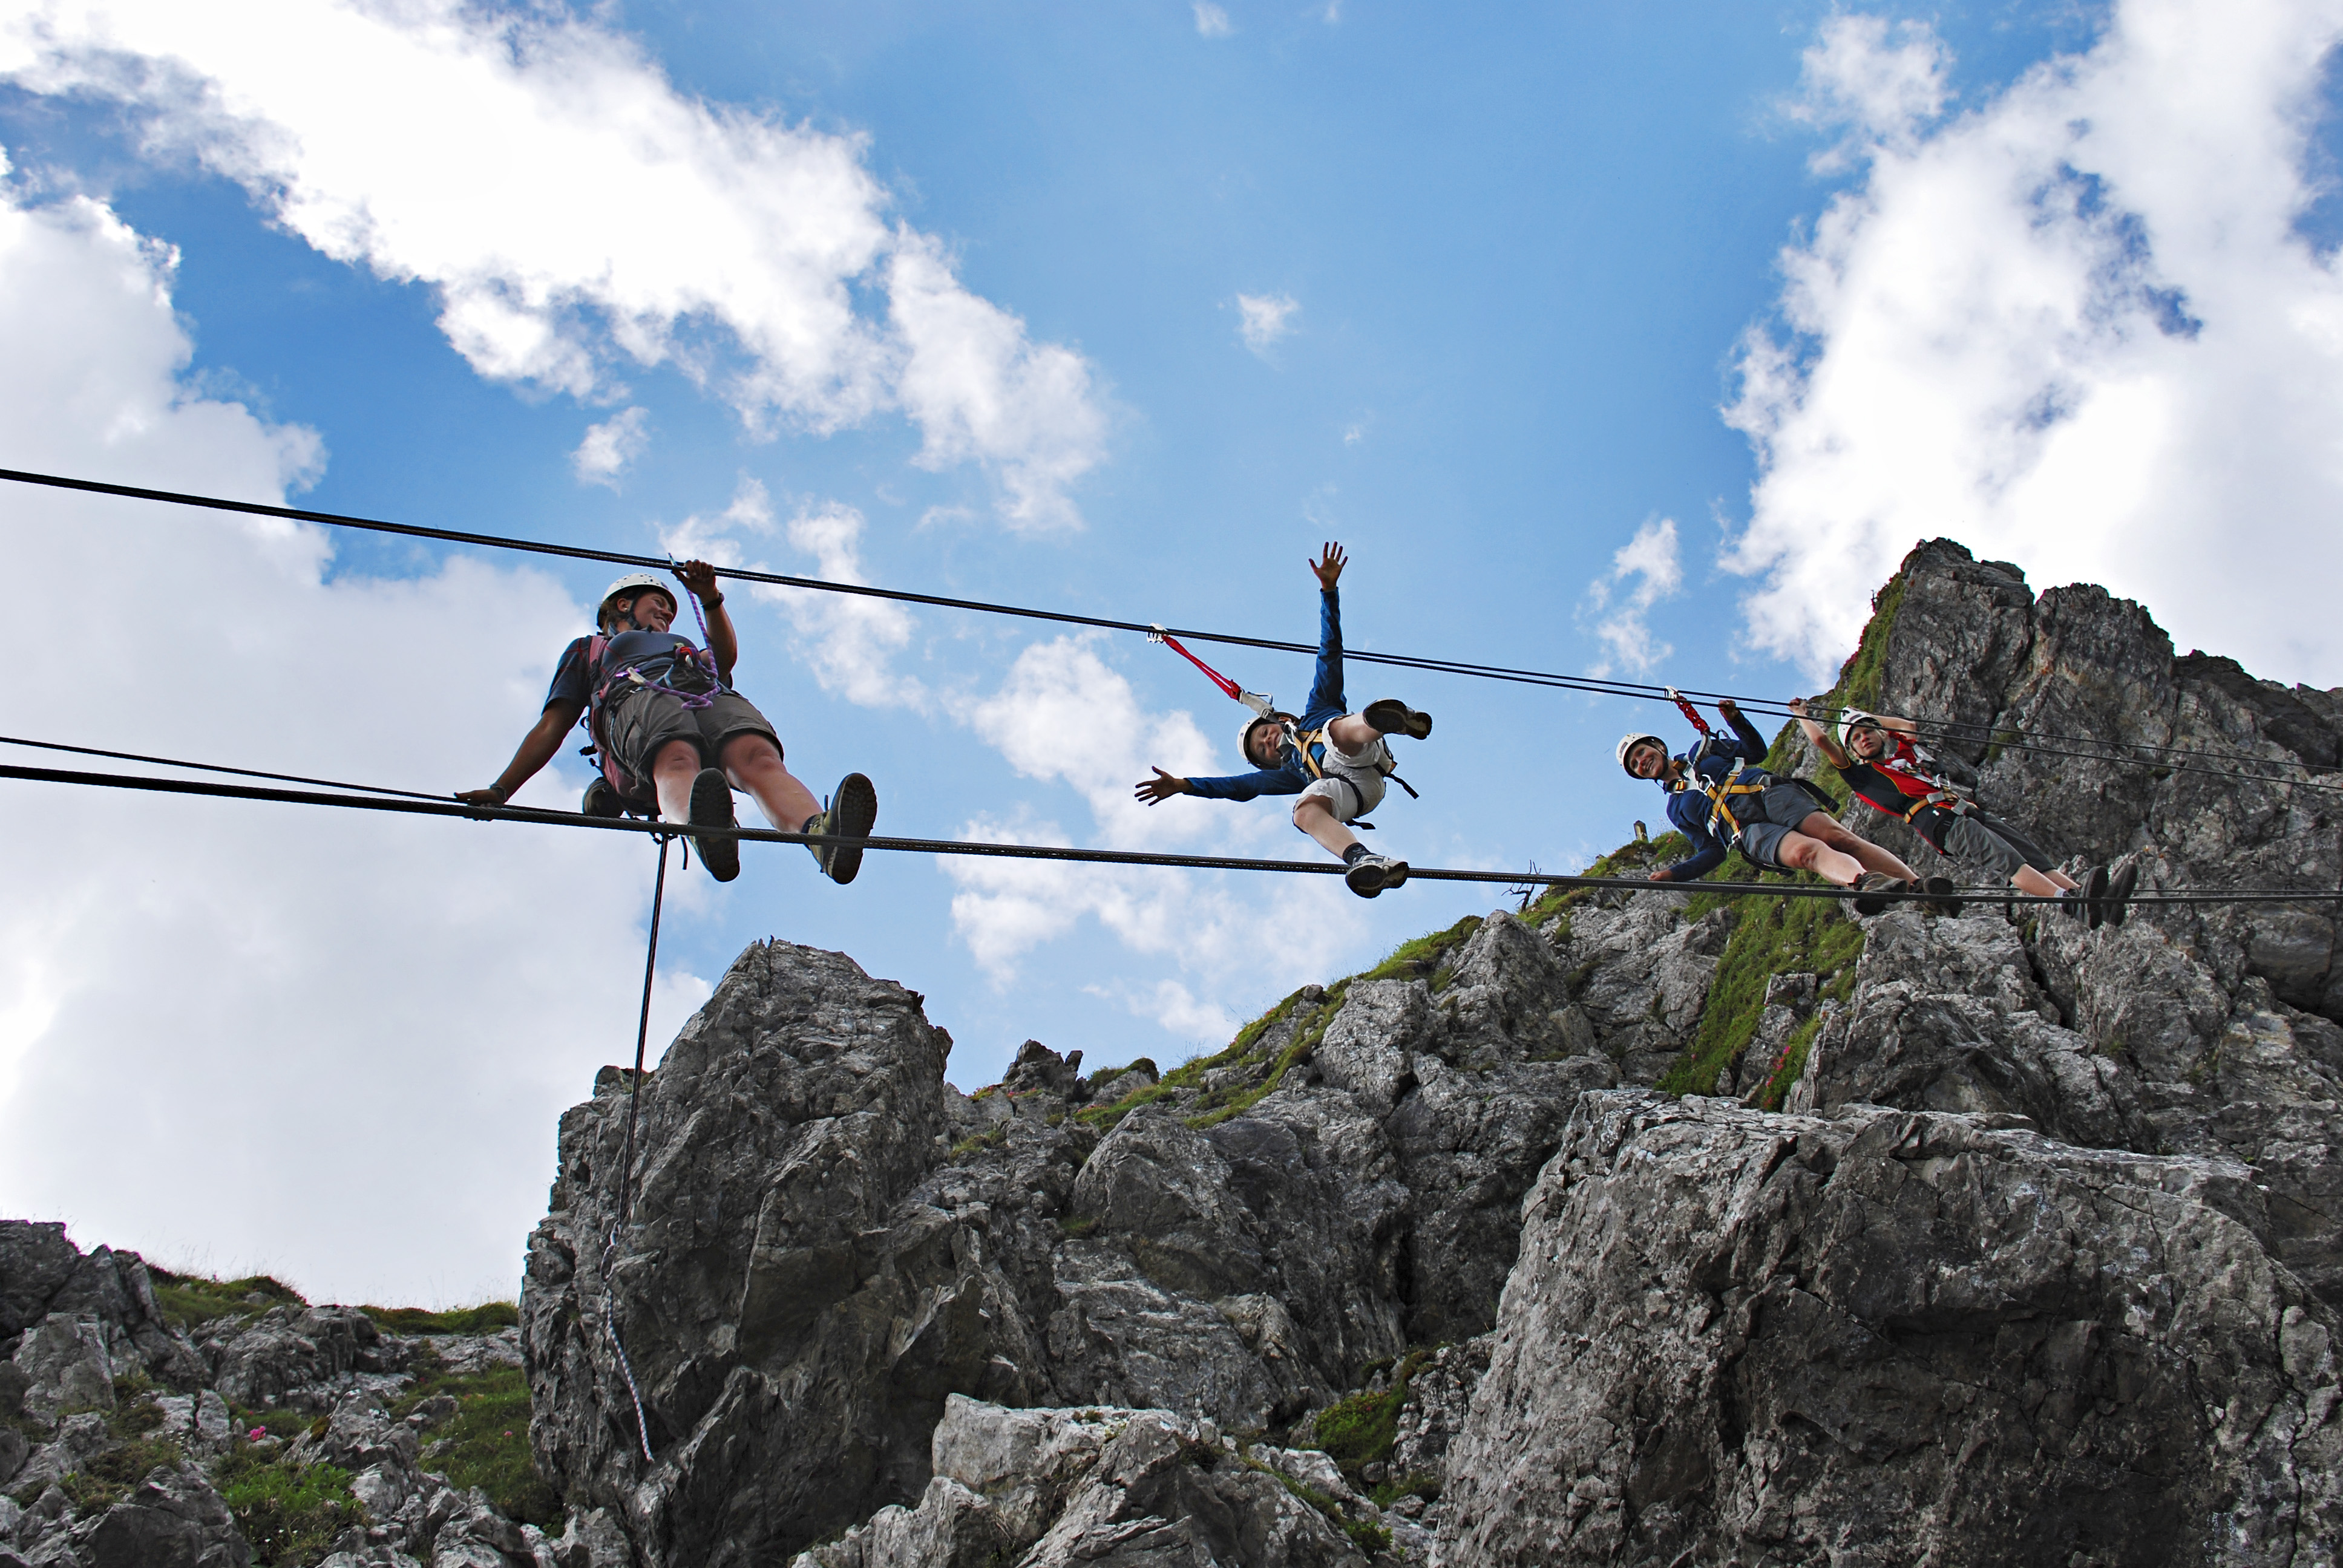 Klettersteig Tannheimer Tal : Mit kindern auf dem klettersteig